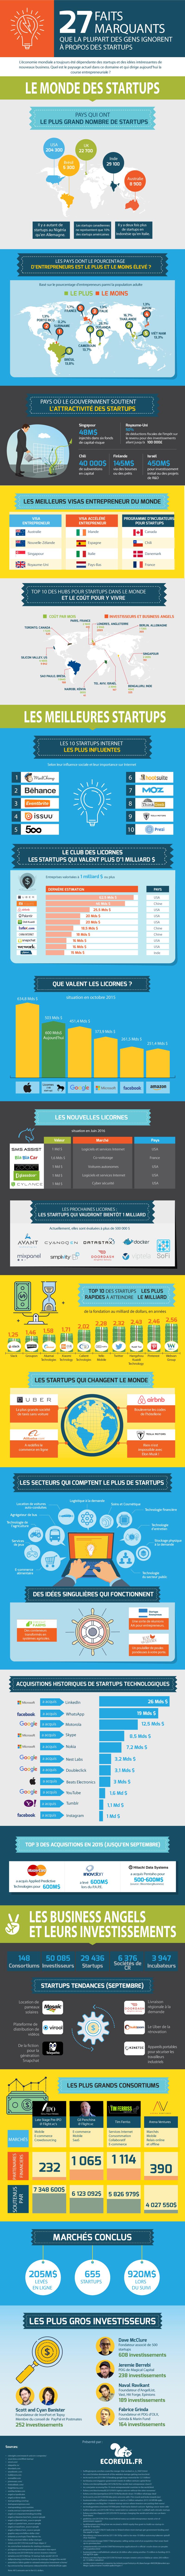 27-faits-sur-les-startups